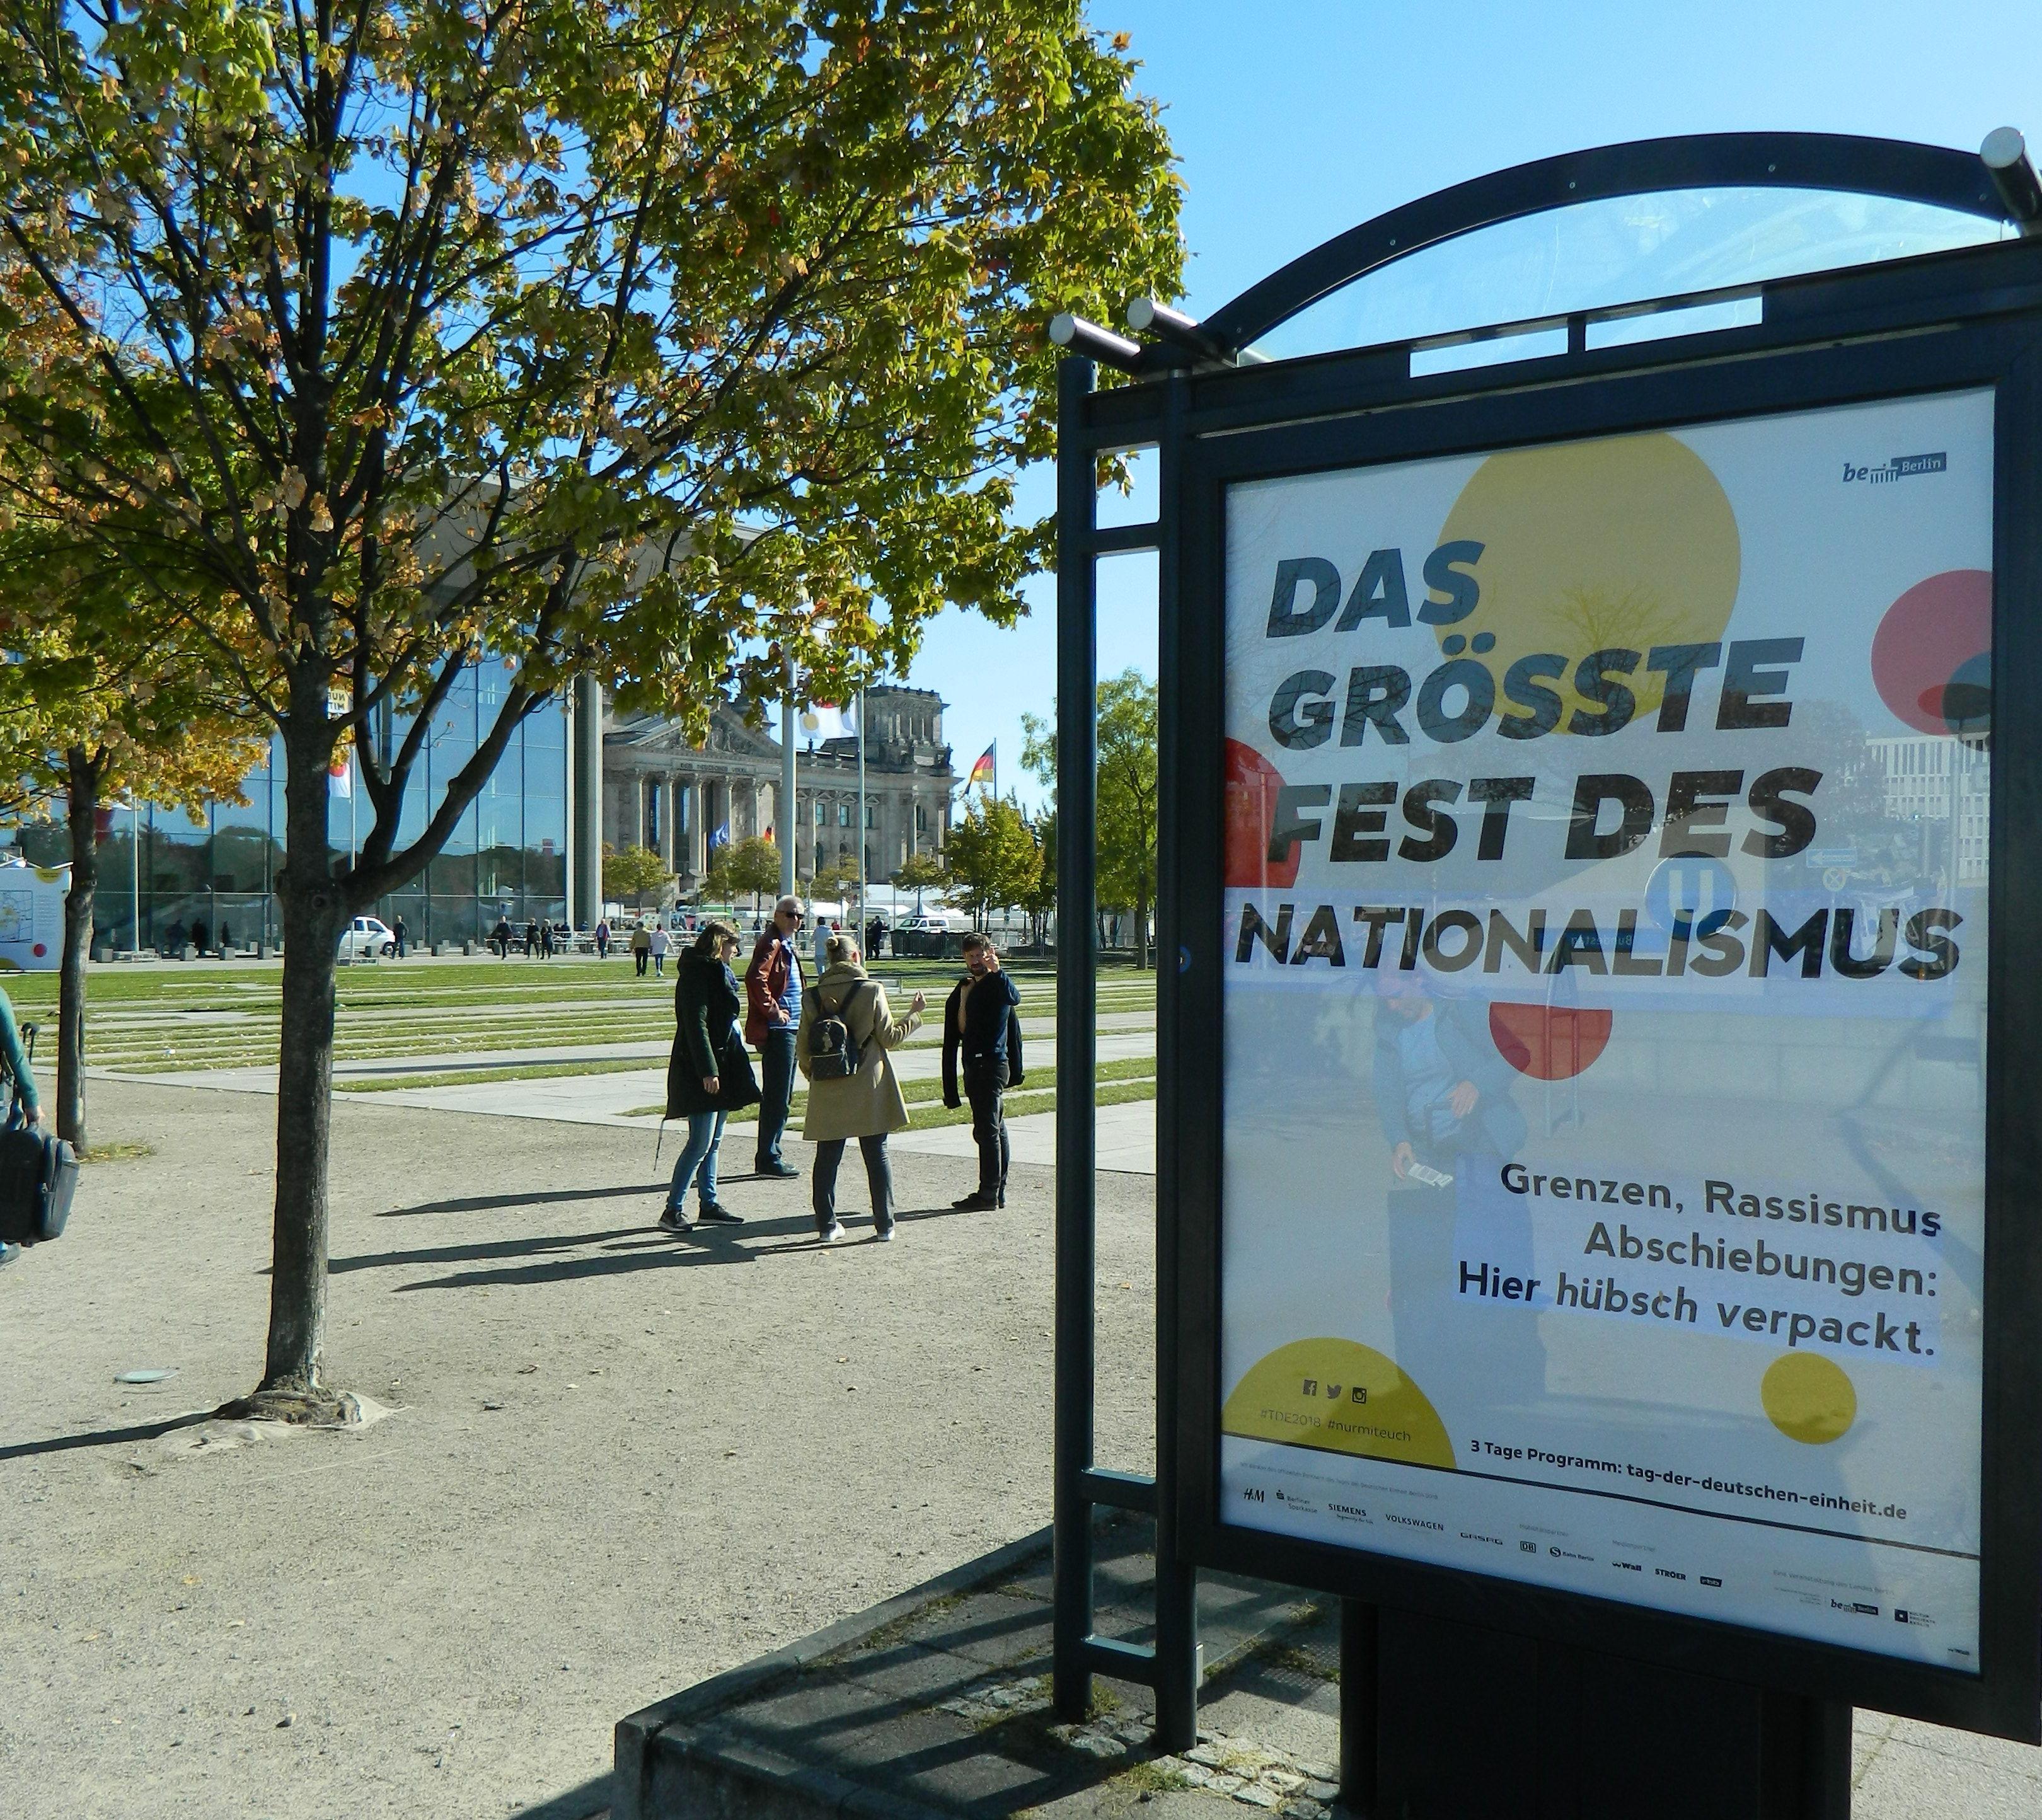 Adbusting gegen die Einheitsfeier am Bundestag